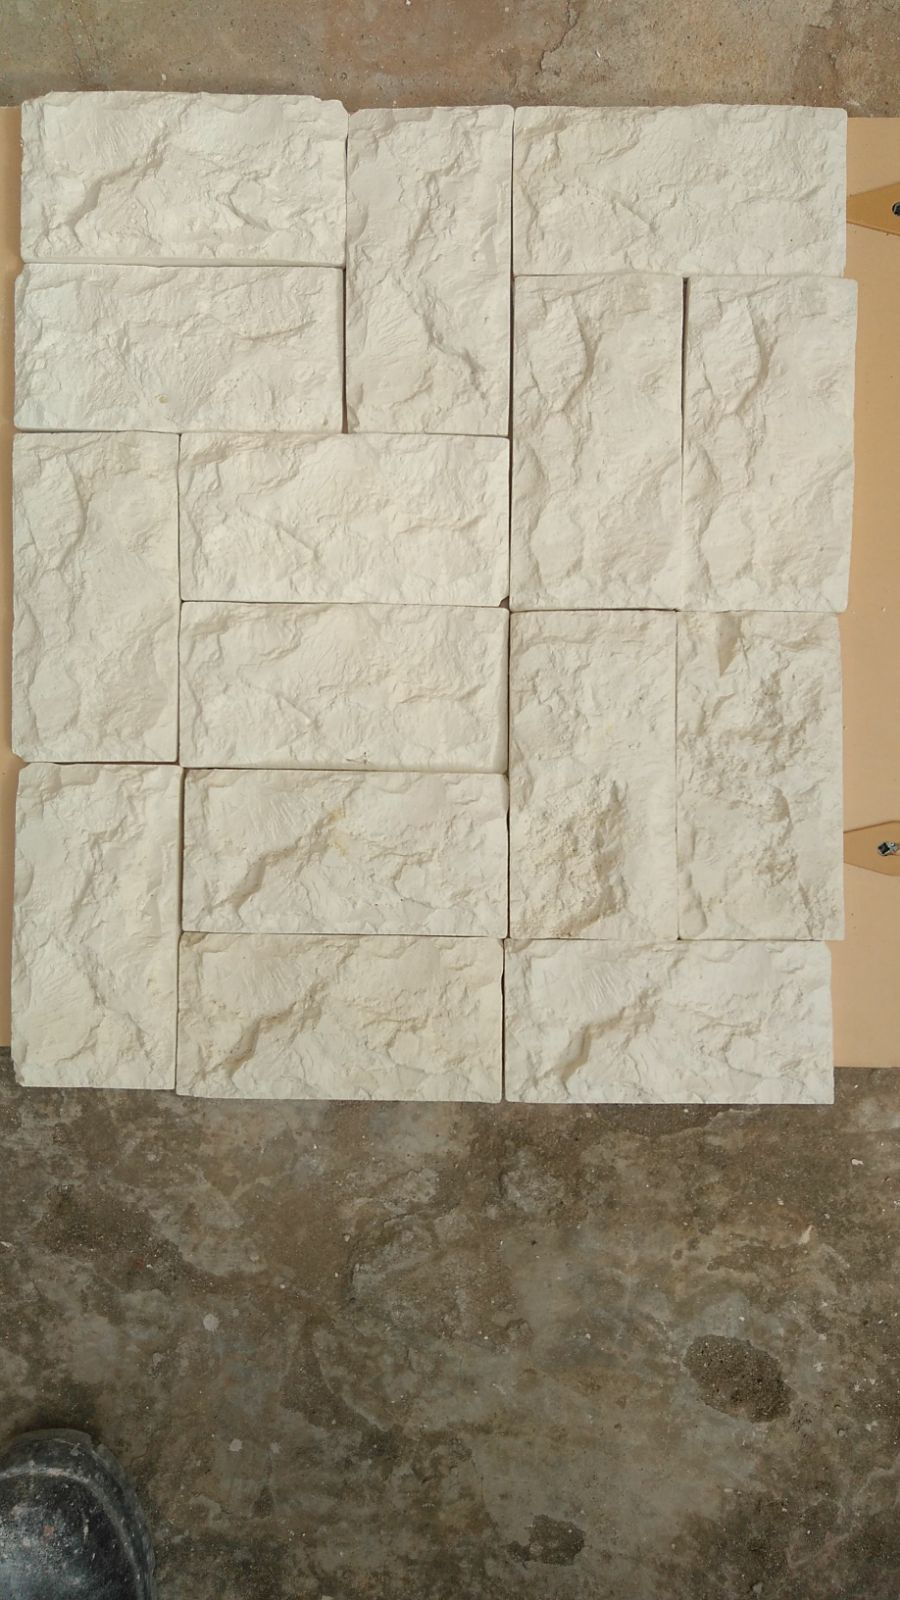 Piedras Para Paredes Con Problemas De Humedad O Como Revestimiento - Piedra-para-revestir-paredes